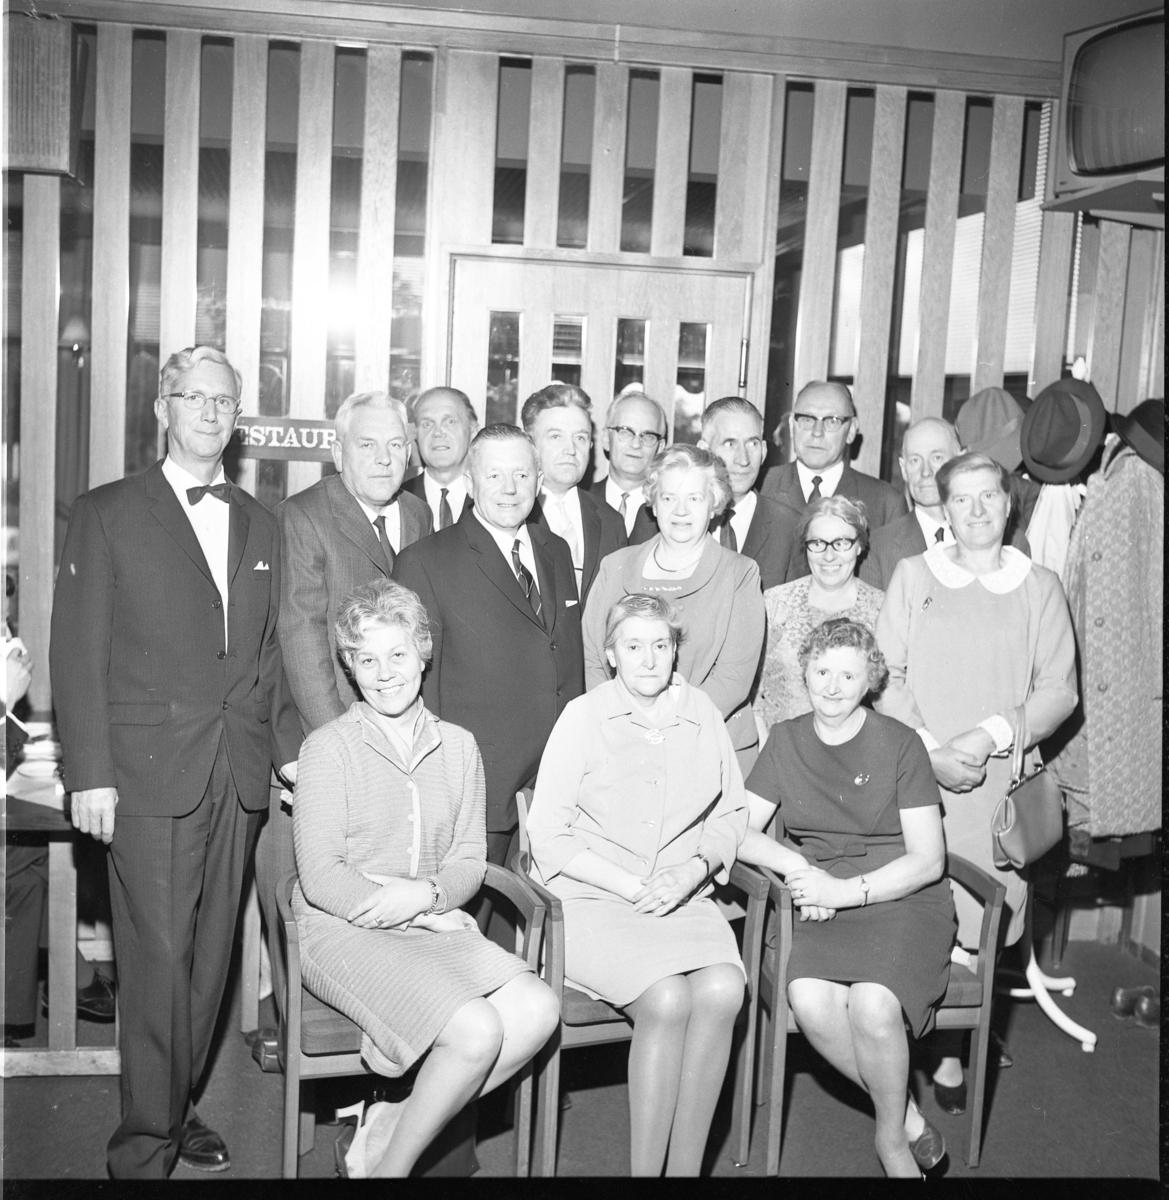 Män och kvinnor, sittande och stående, i 60-årsåldern samlade på Vätterleden för skolträff. Sittande till höger är Ruth Ölmebring från Ölmstad. Som tvåa från vänster står åkeriägaren/taxiägaren Allan Johansson i Gränna. Bland männen finns också köpman Sven Johansson.